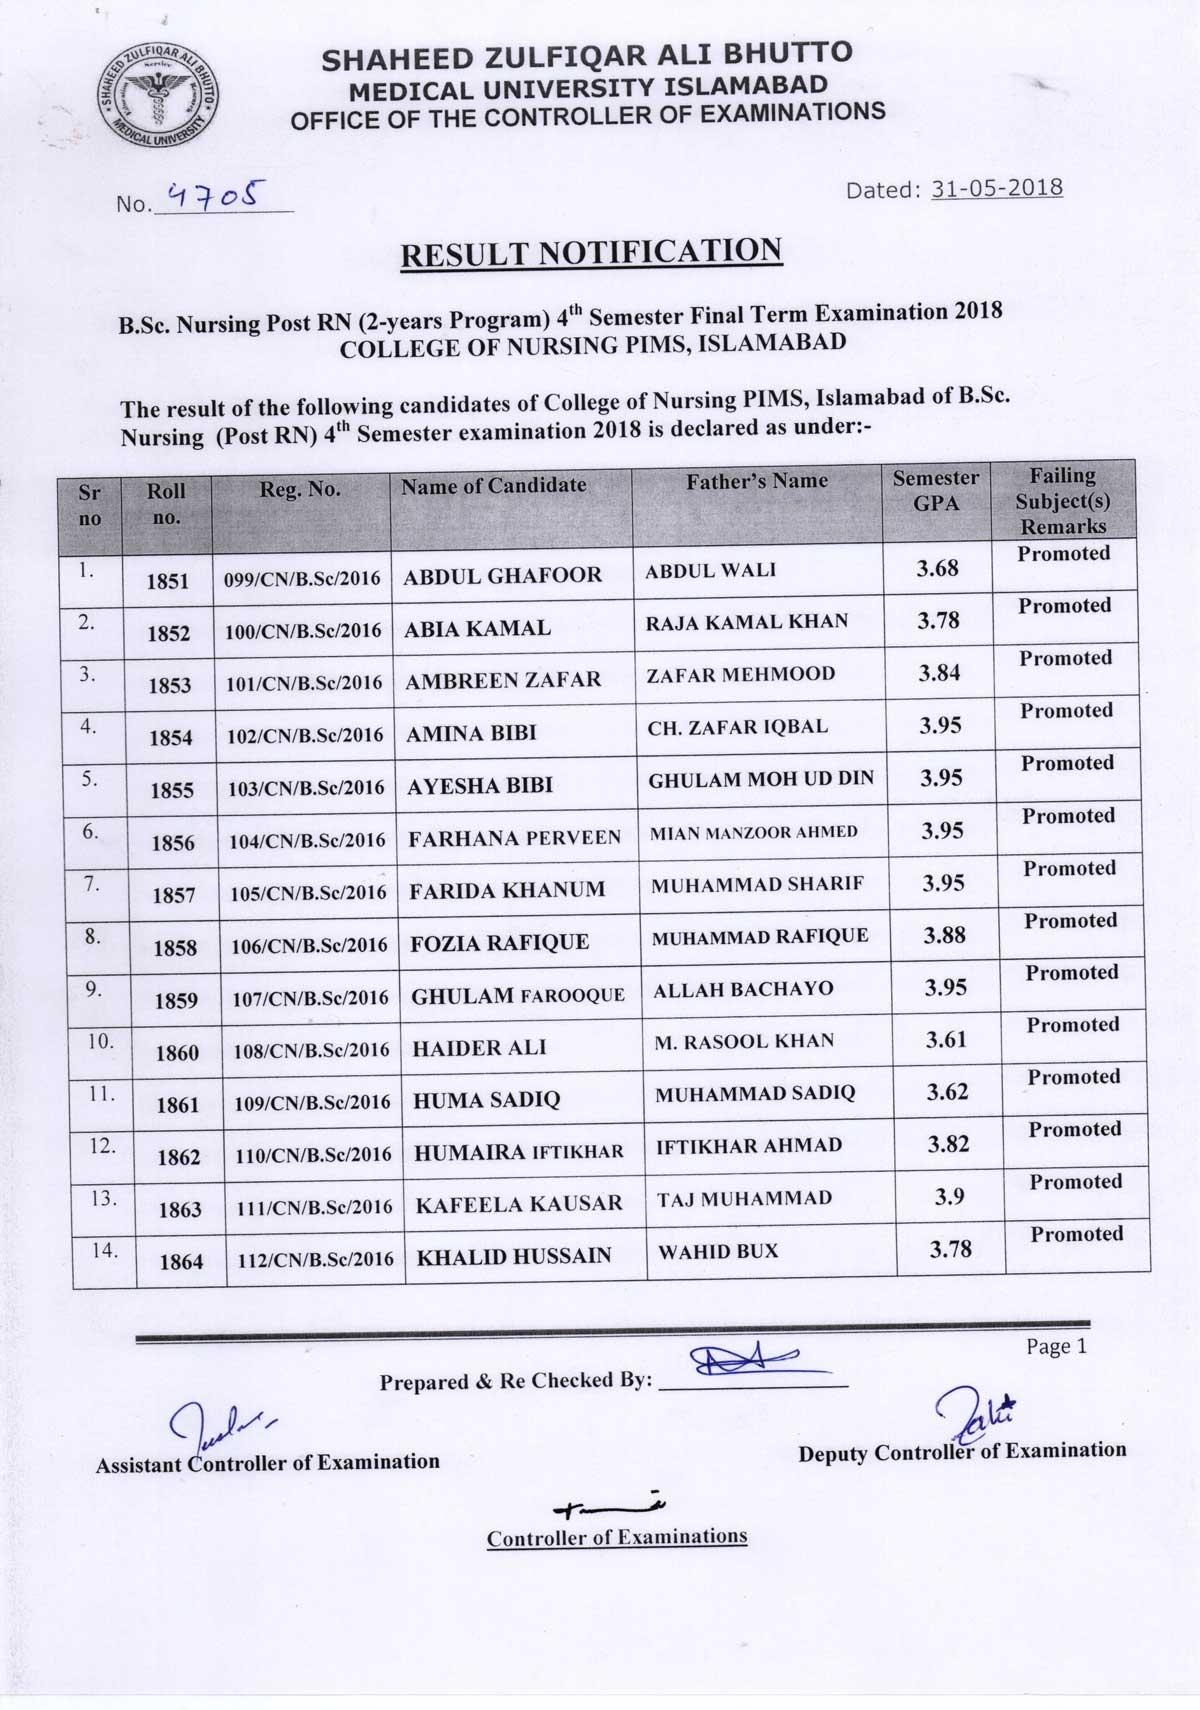 Result Notifications - B.Sc Nursing Post RN 4th Semester Final Term Exam 2018